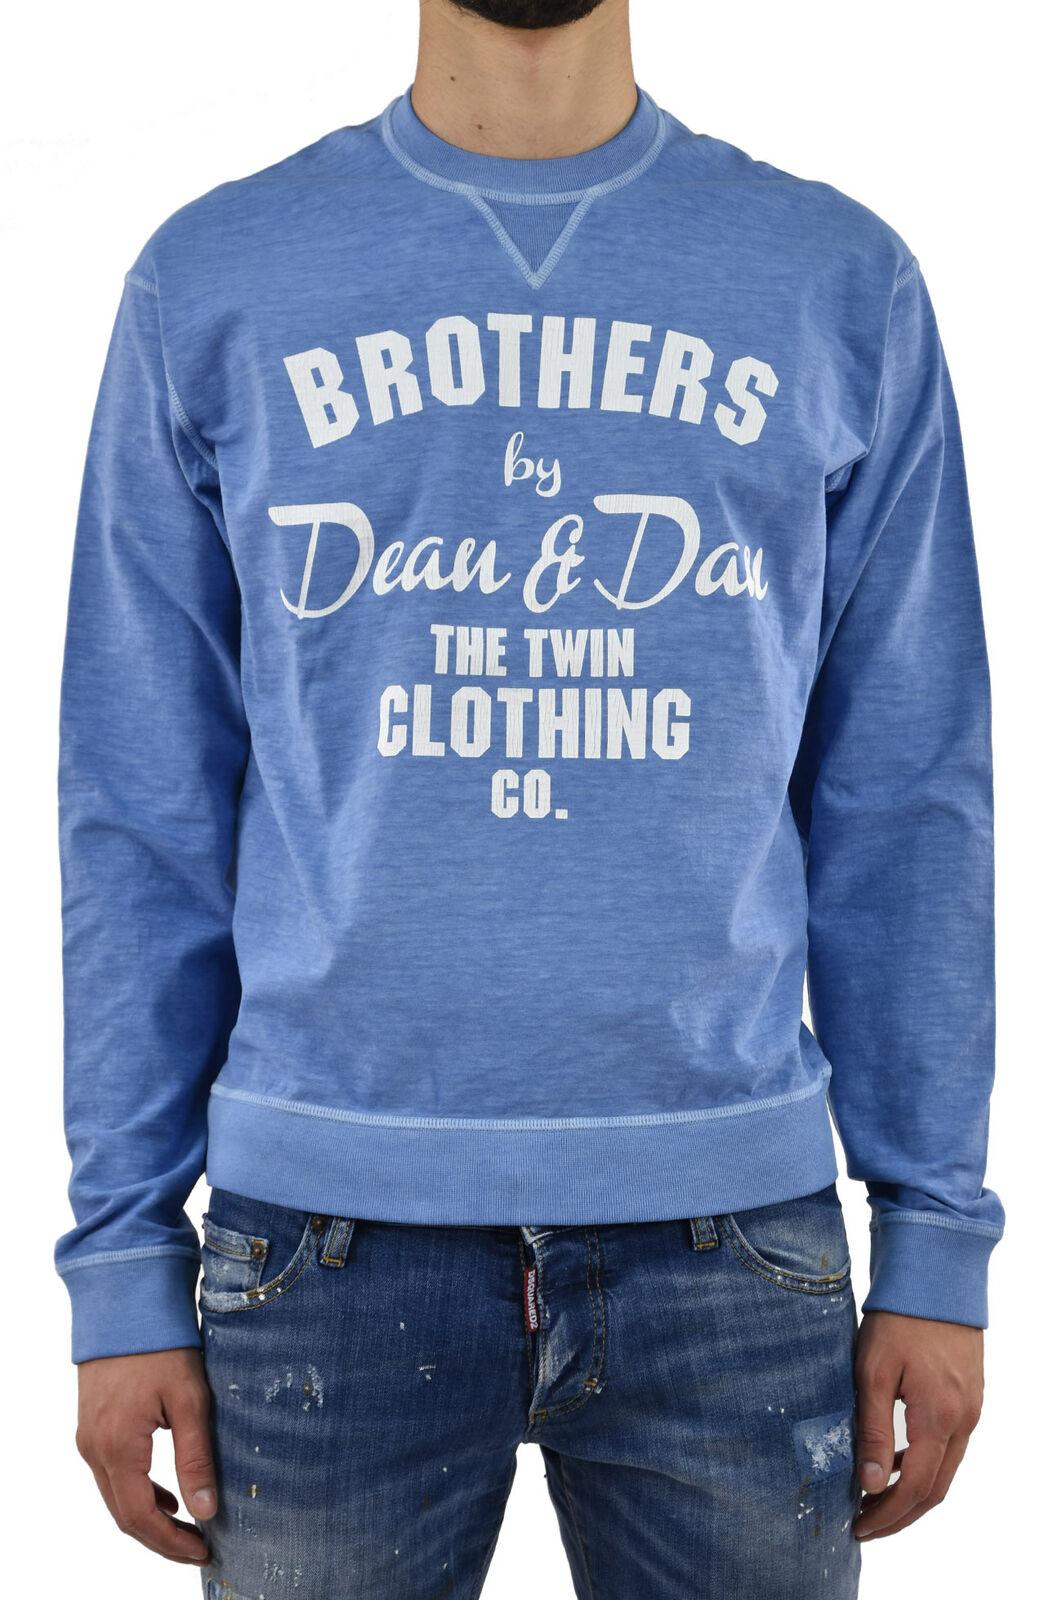 Dsquared2 Men's Sweatshirt Blue Logo Cotton Graphic Print - Mod....